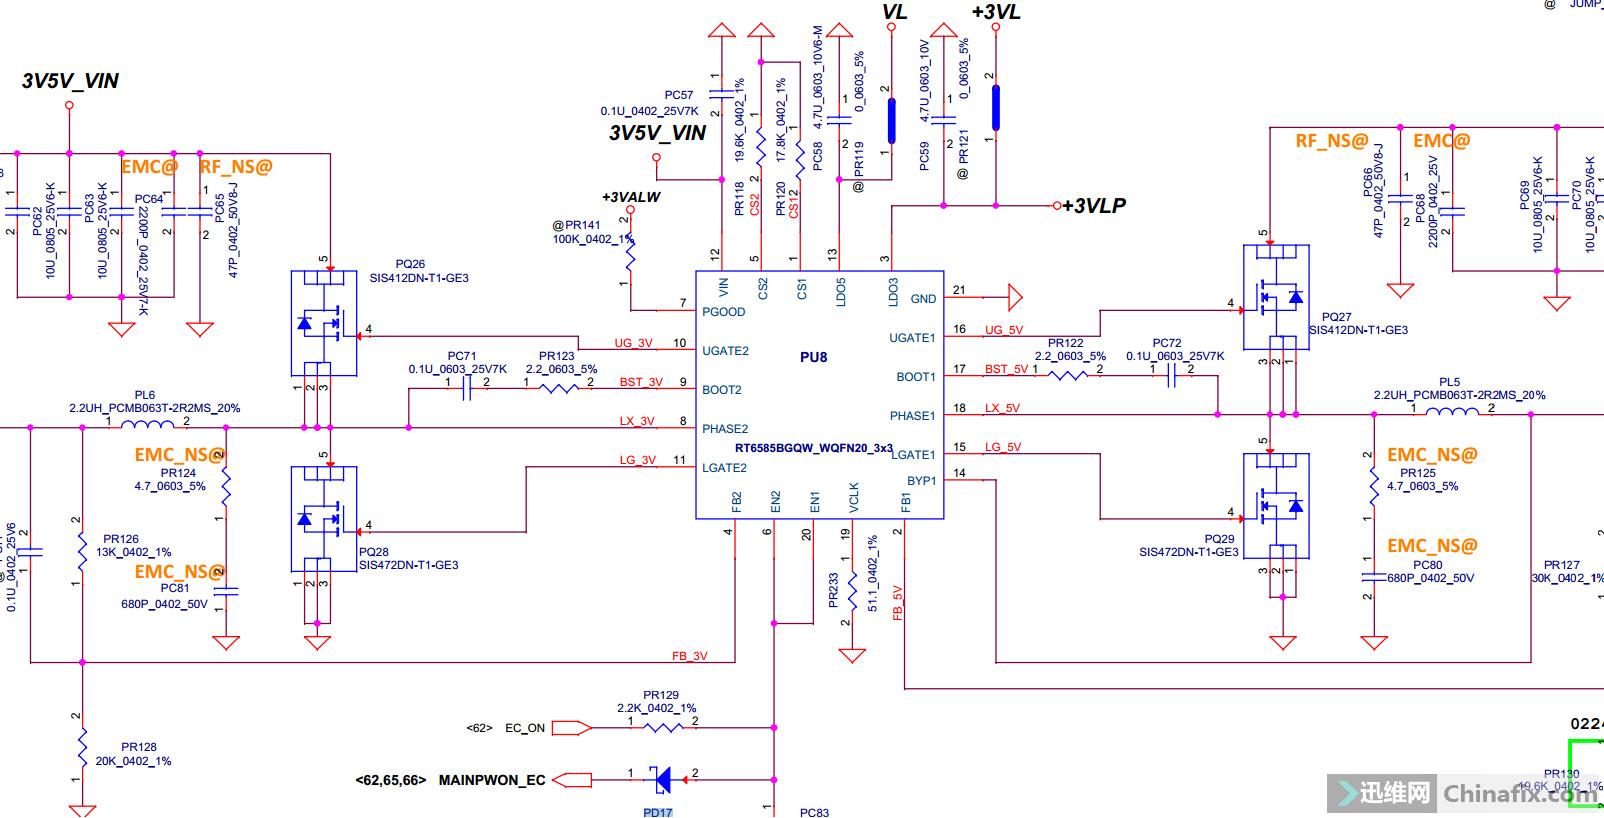 3G%MJDUPF)5~U7~R1FMT.png